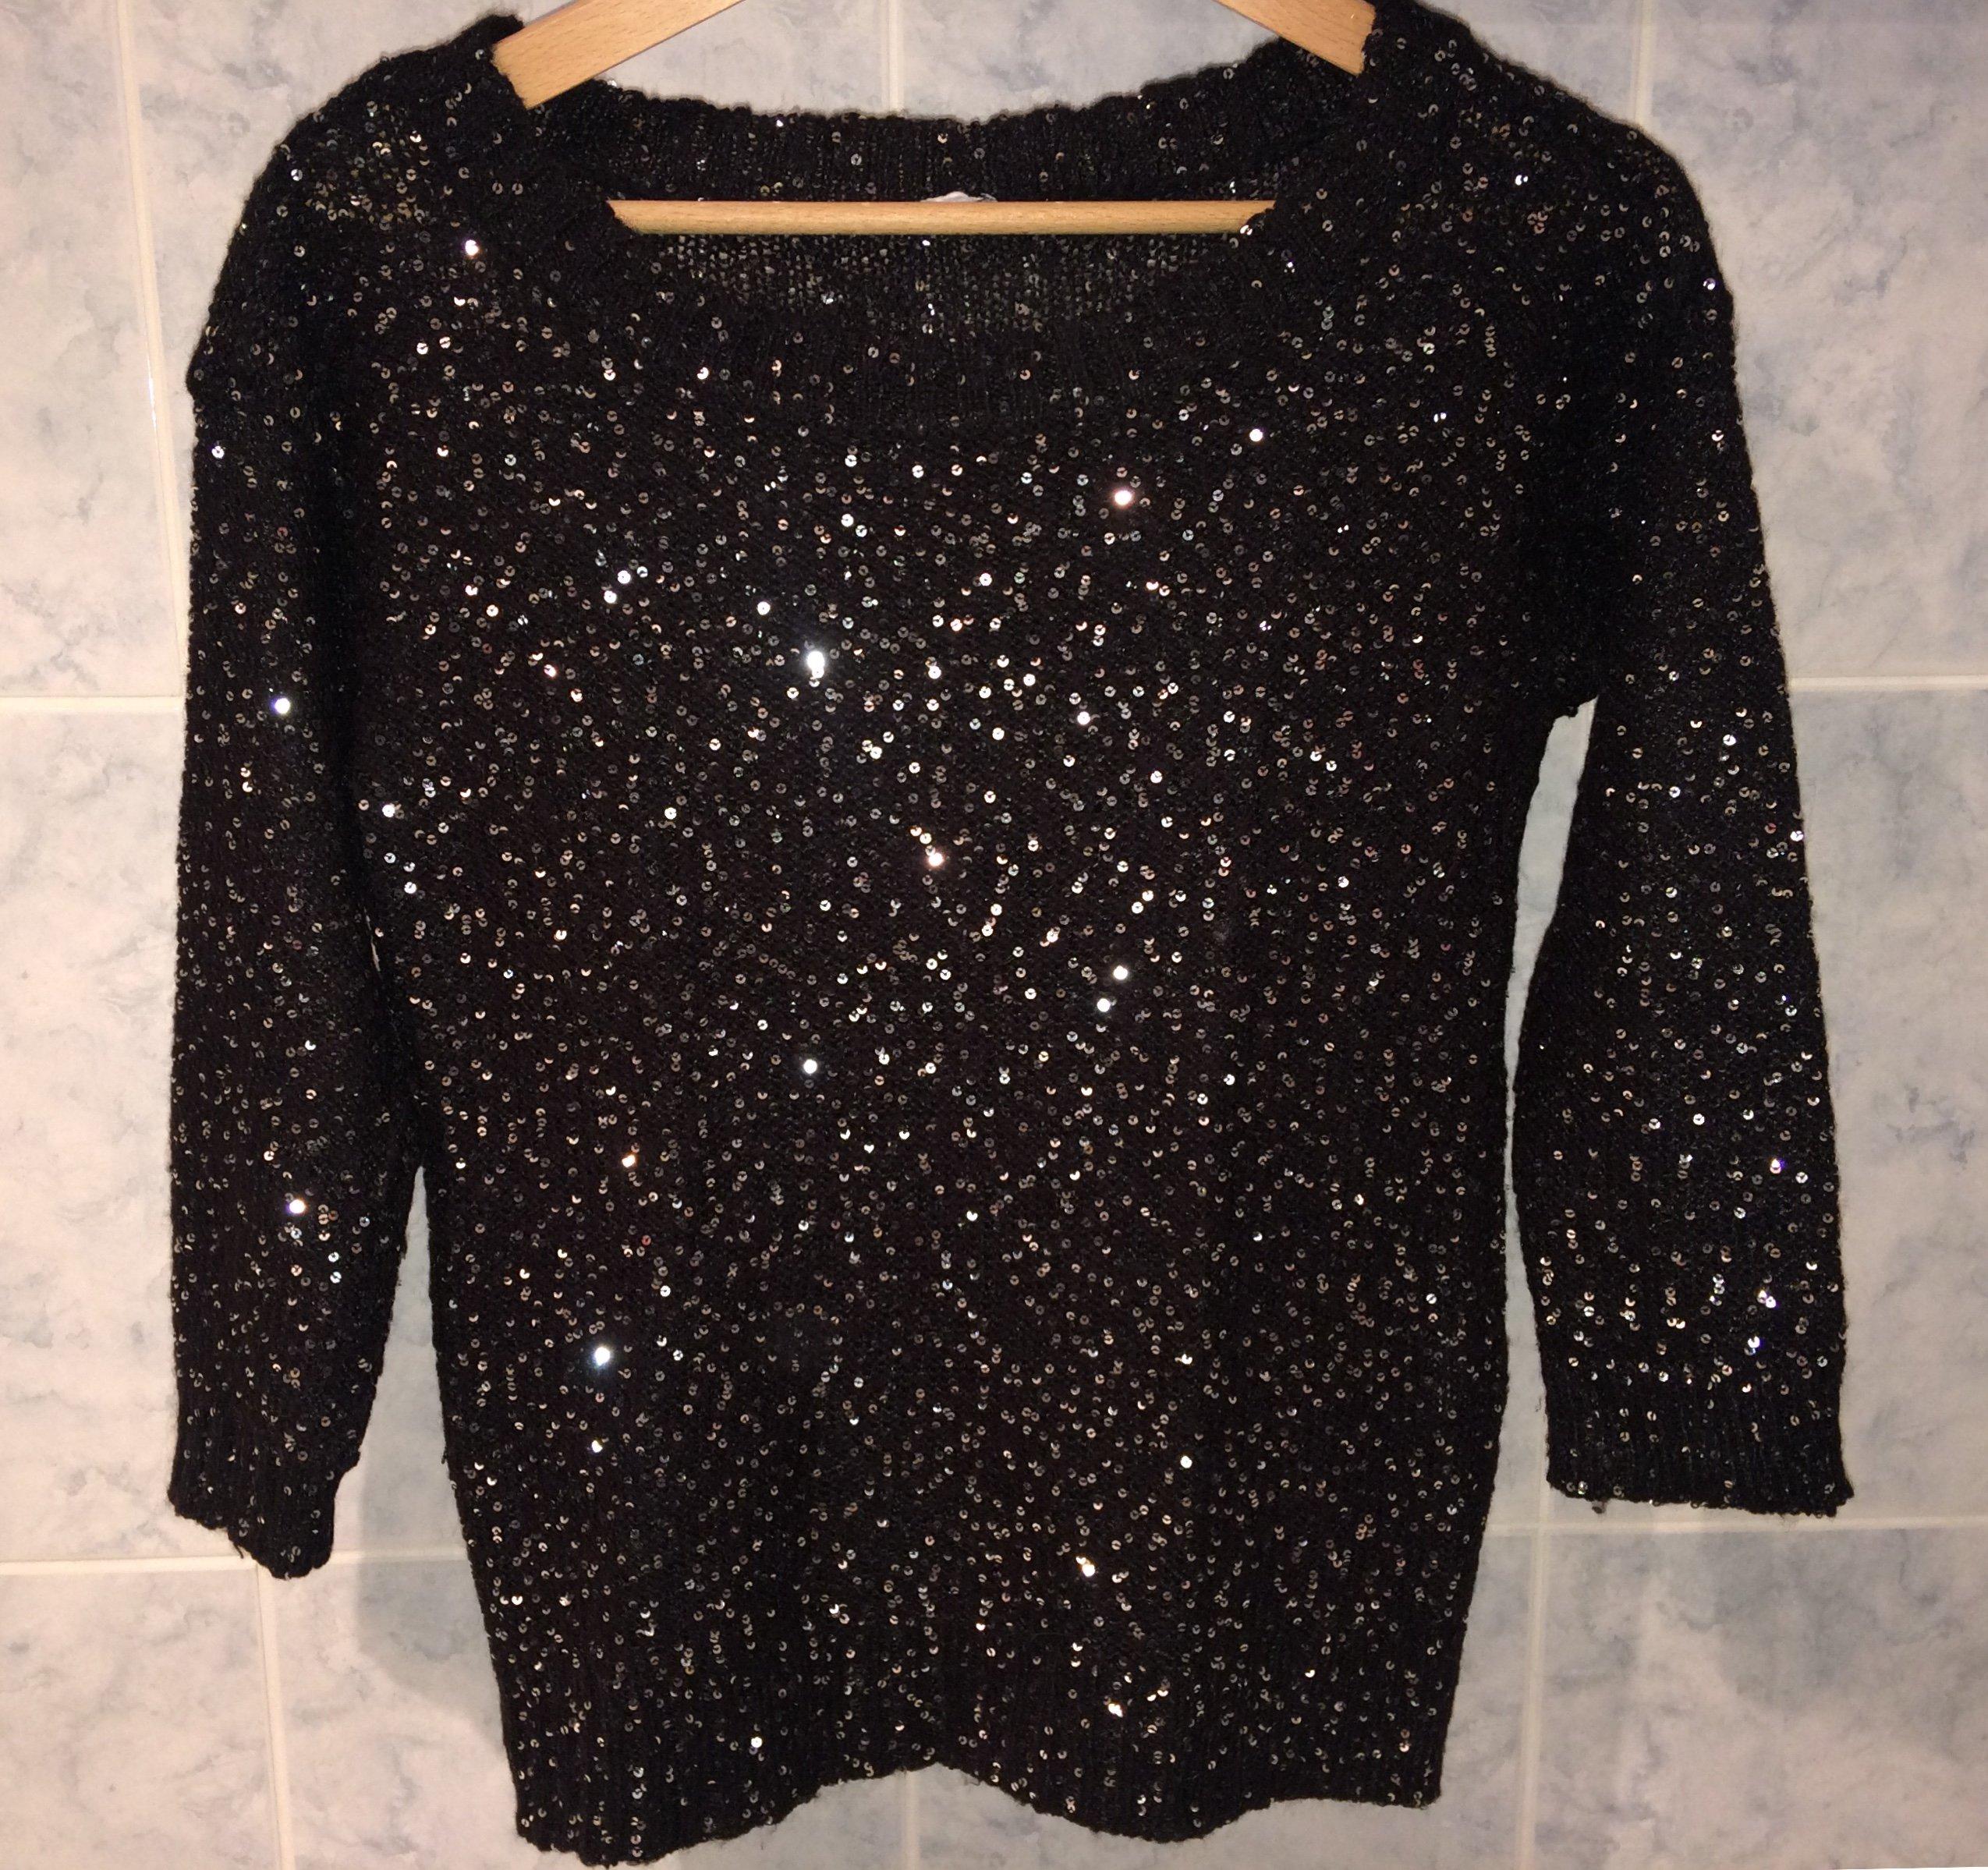 Inteligentny Czarny sweter sweterek z cekinami świecący - 7440258645 CG65